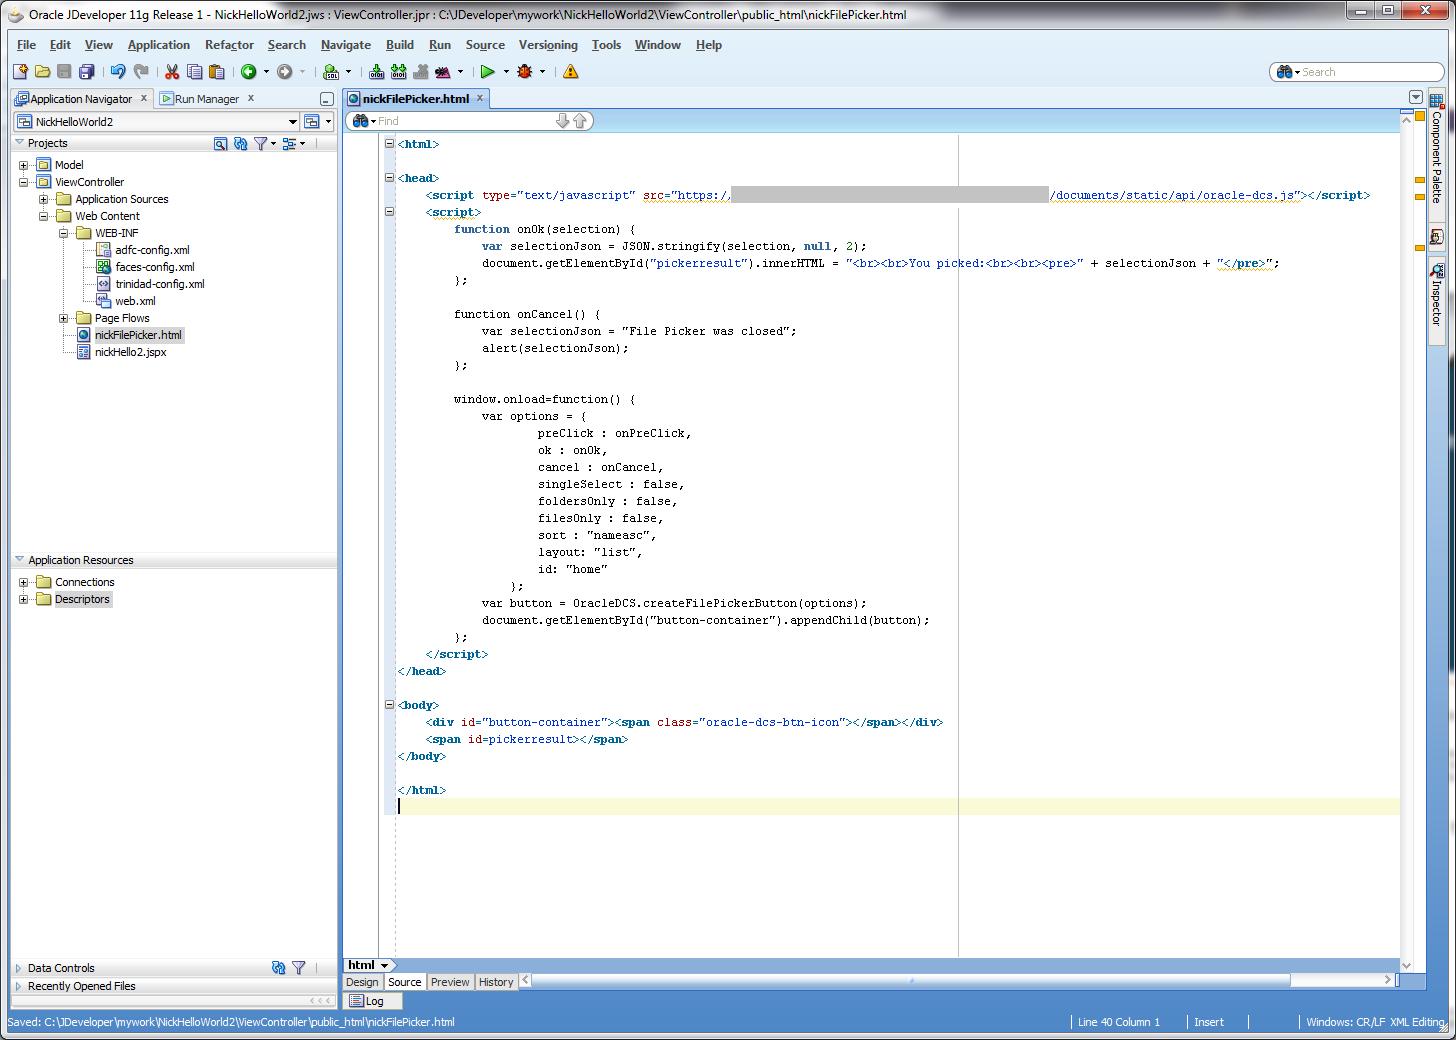 File Picker App in JDeveloper